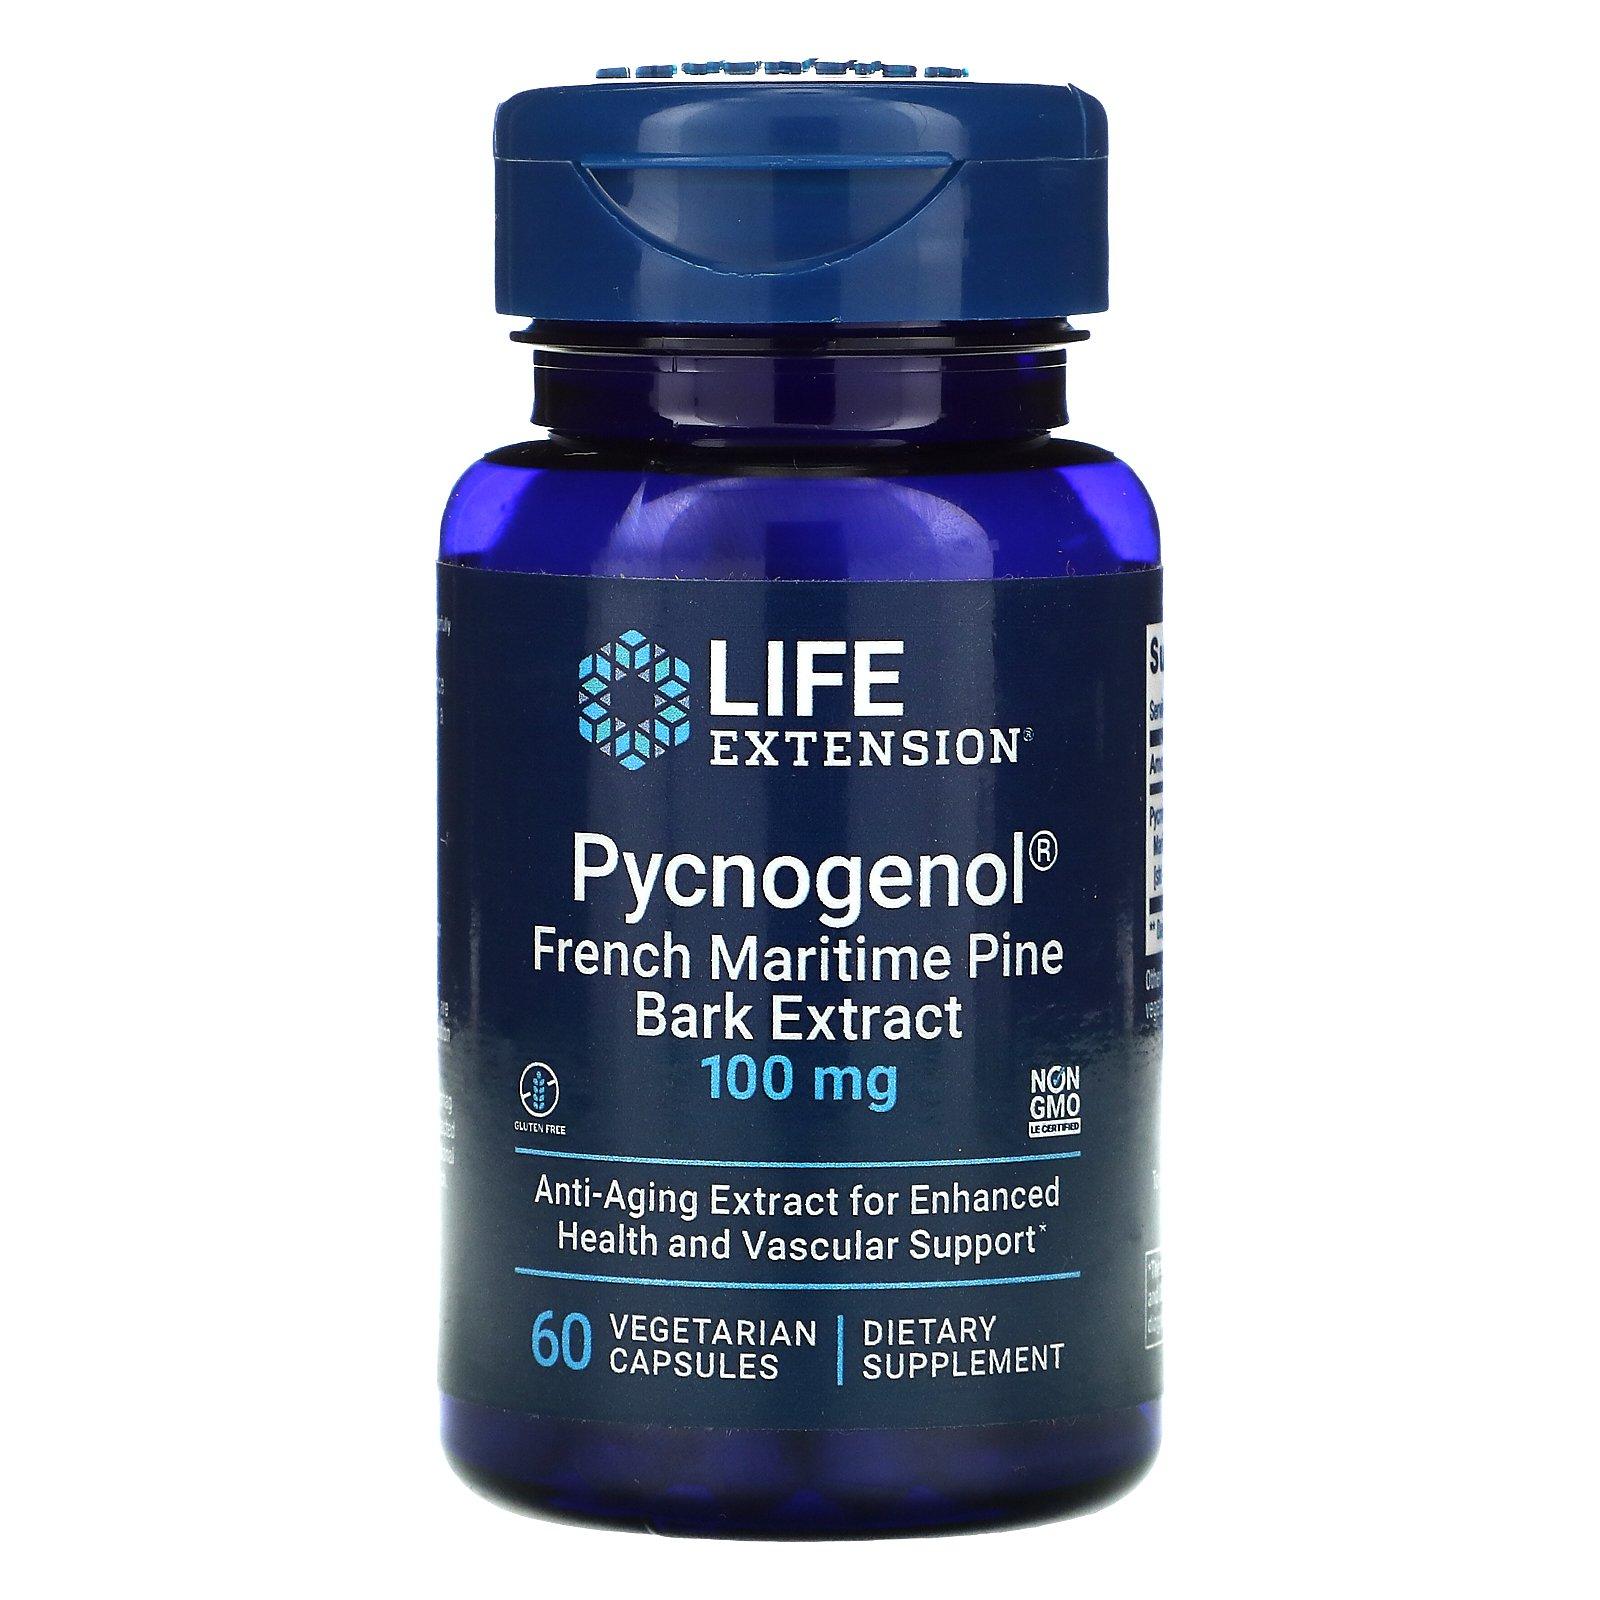 Life Extension, Pycnogenol, экстракт коры французской приморской сосны, 100 мг, 60 вегетарианских капсул